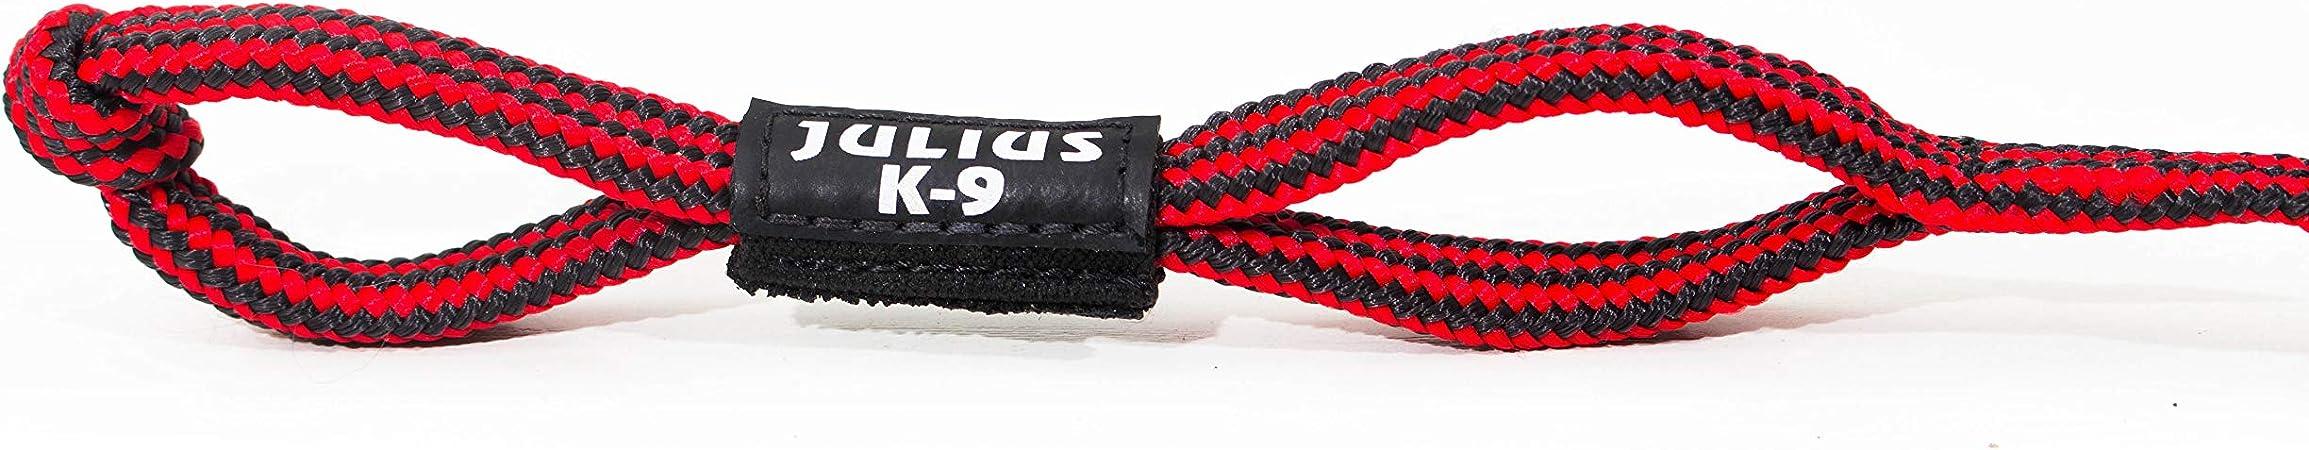 Julius-K9 IDC de Pelota con Ass: Amazon.es: Productos para mascotas